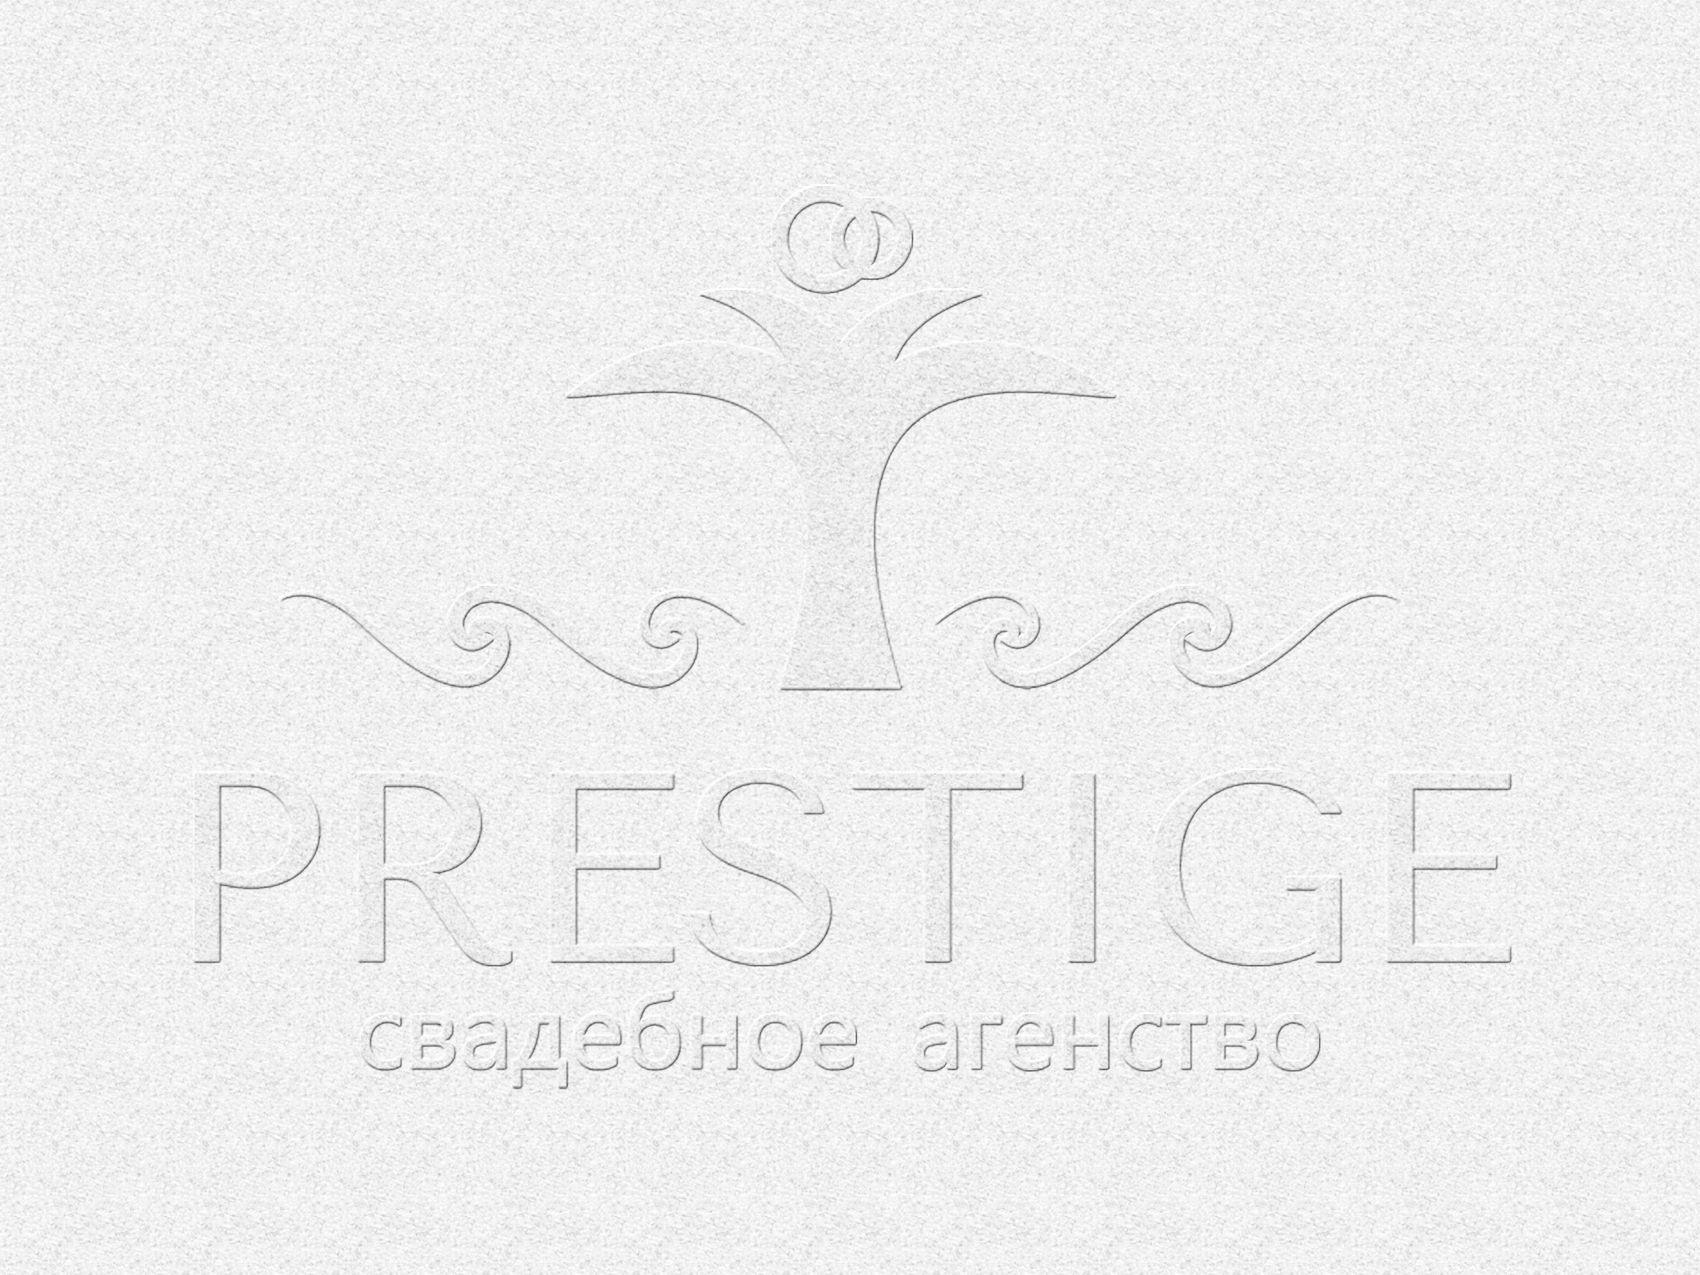 Логотип для свадебного агентства Prestige - дизайнер Nasstasiya